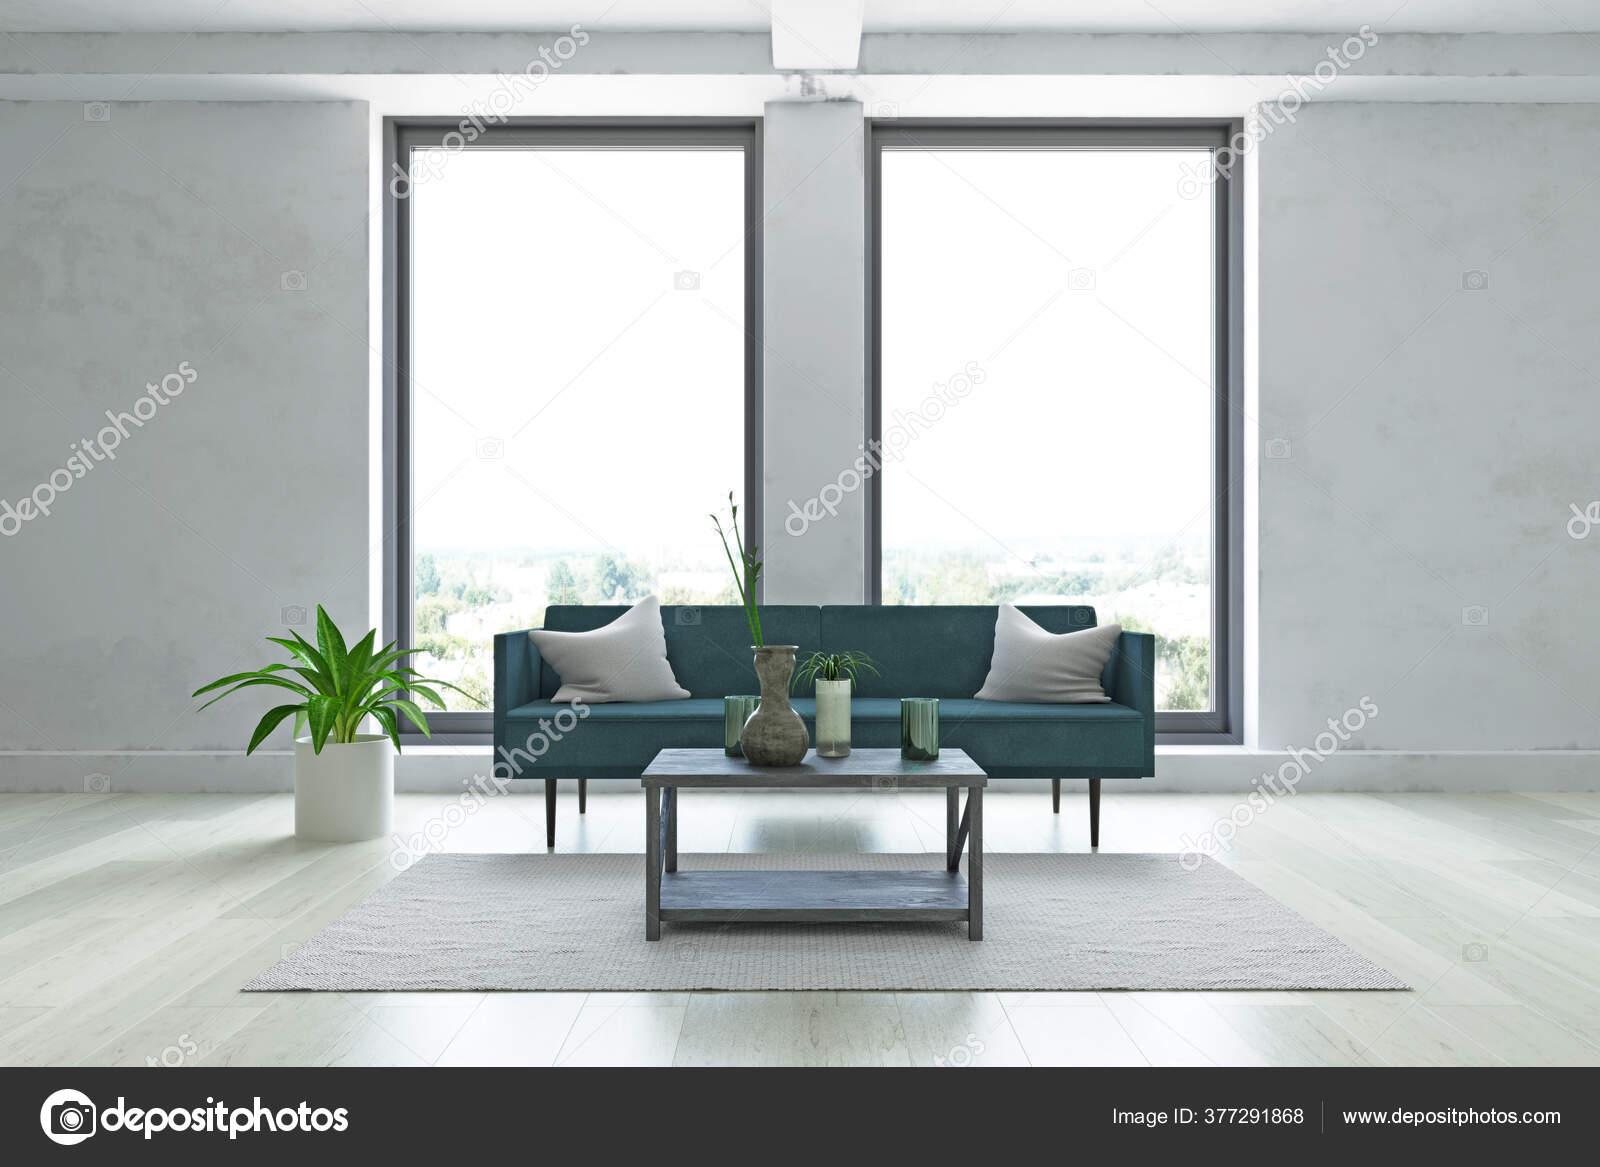 Contemporary Interior Minimalistic Room Elegant Sofa Wooden Table Beige Carpet Stock Photo C Ciklamen 377291868